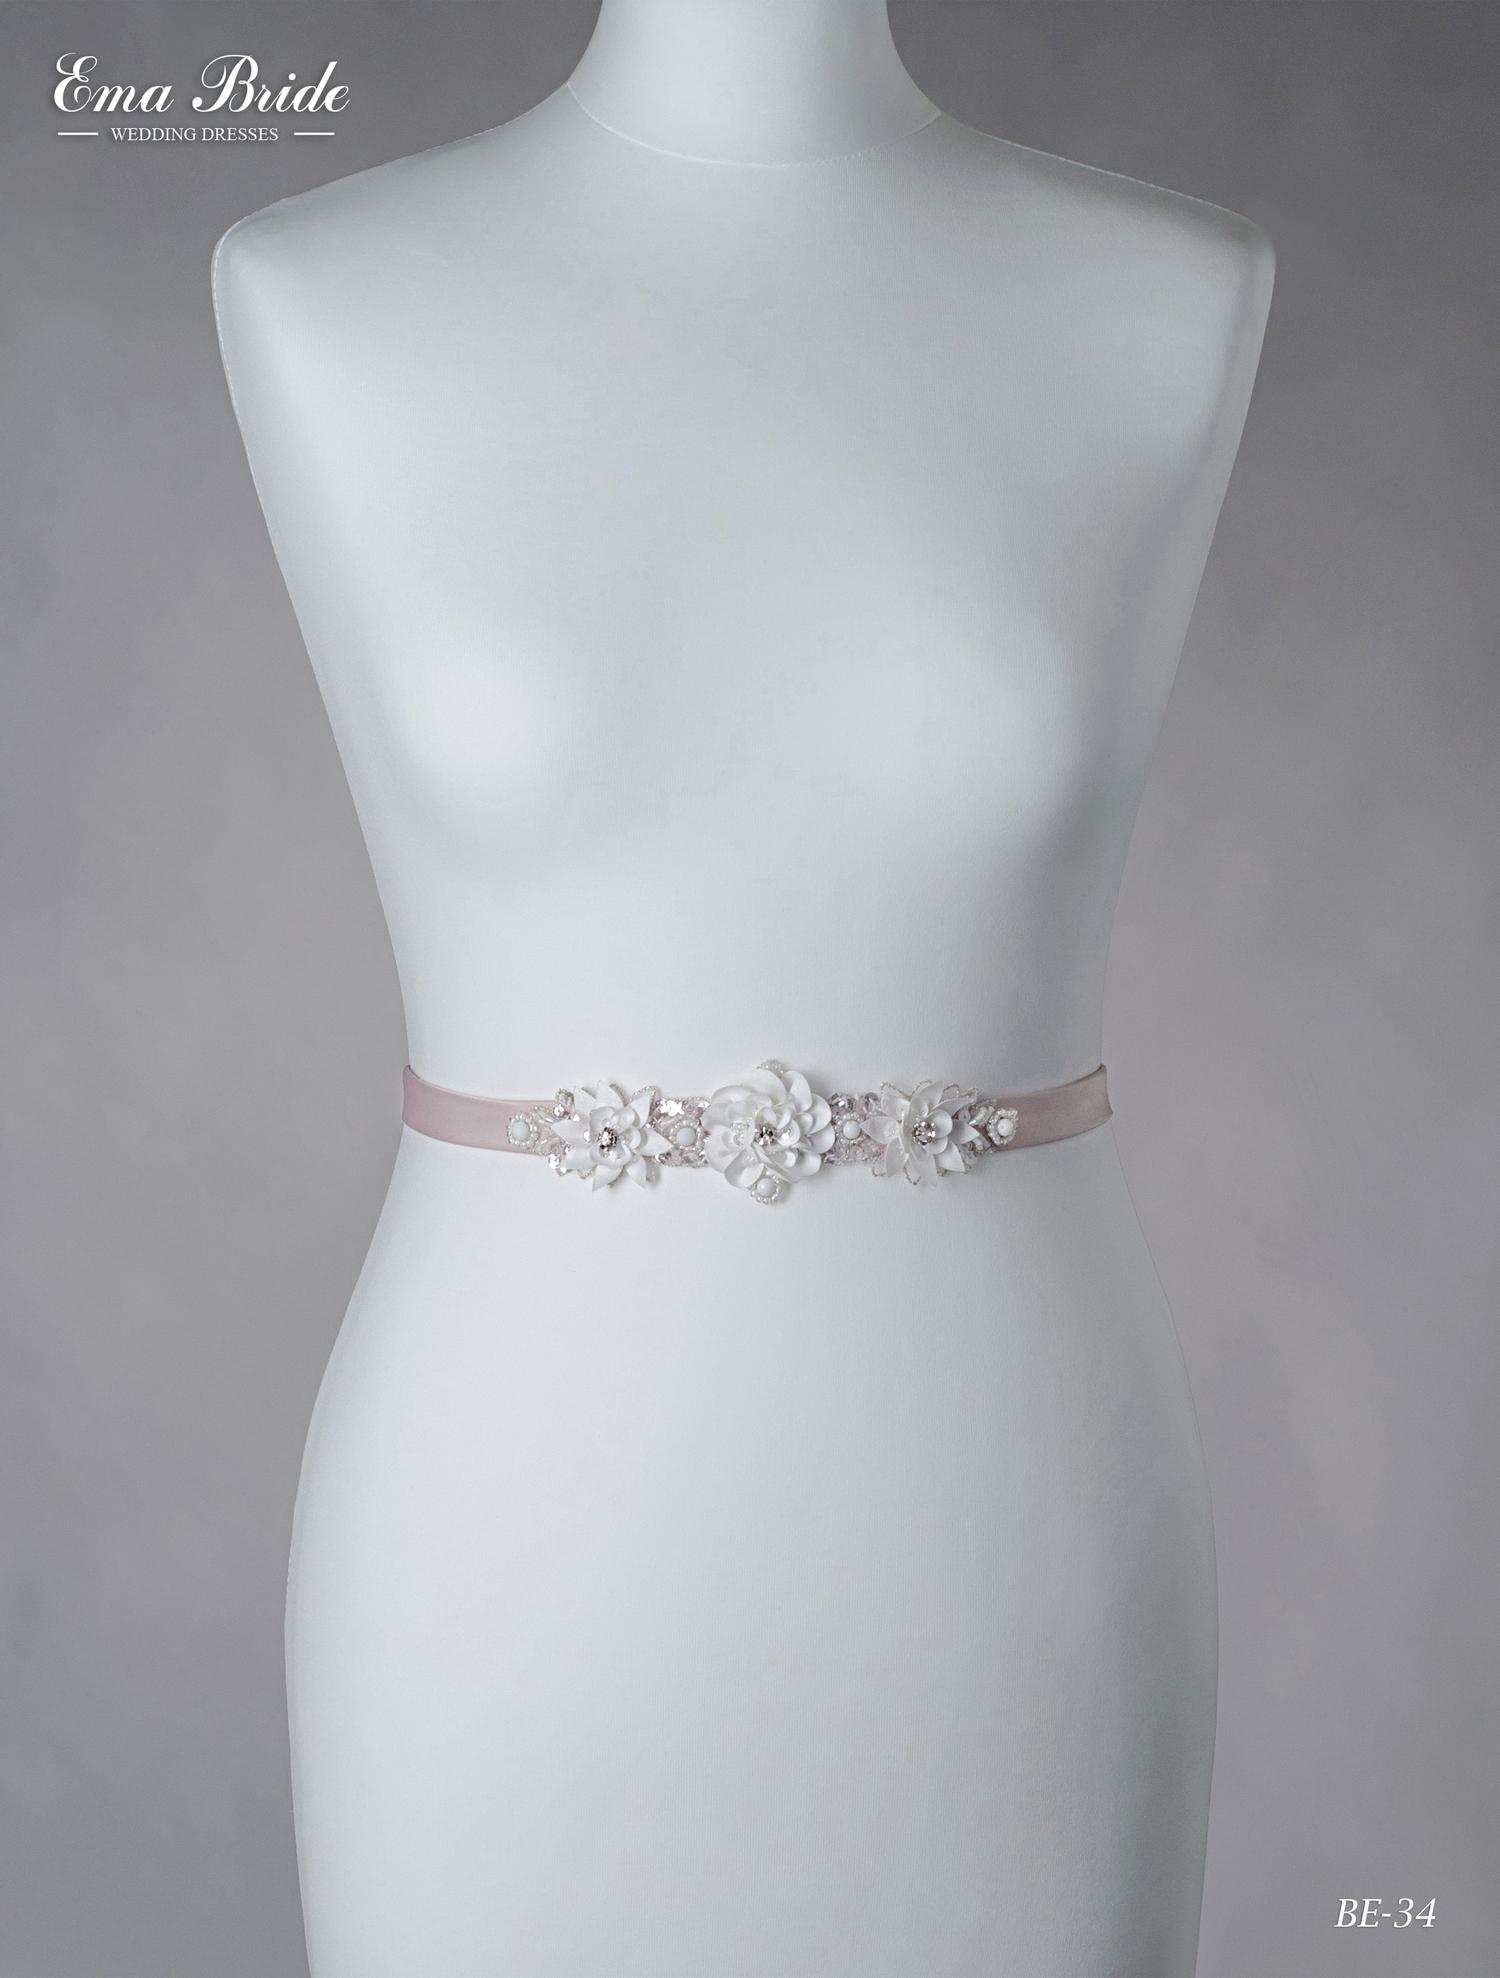 A belt for a wedding dress Be-34